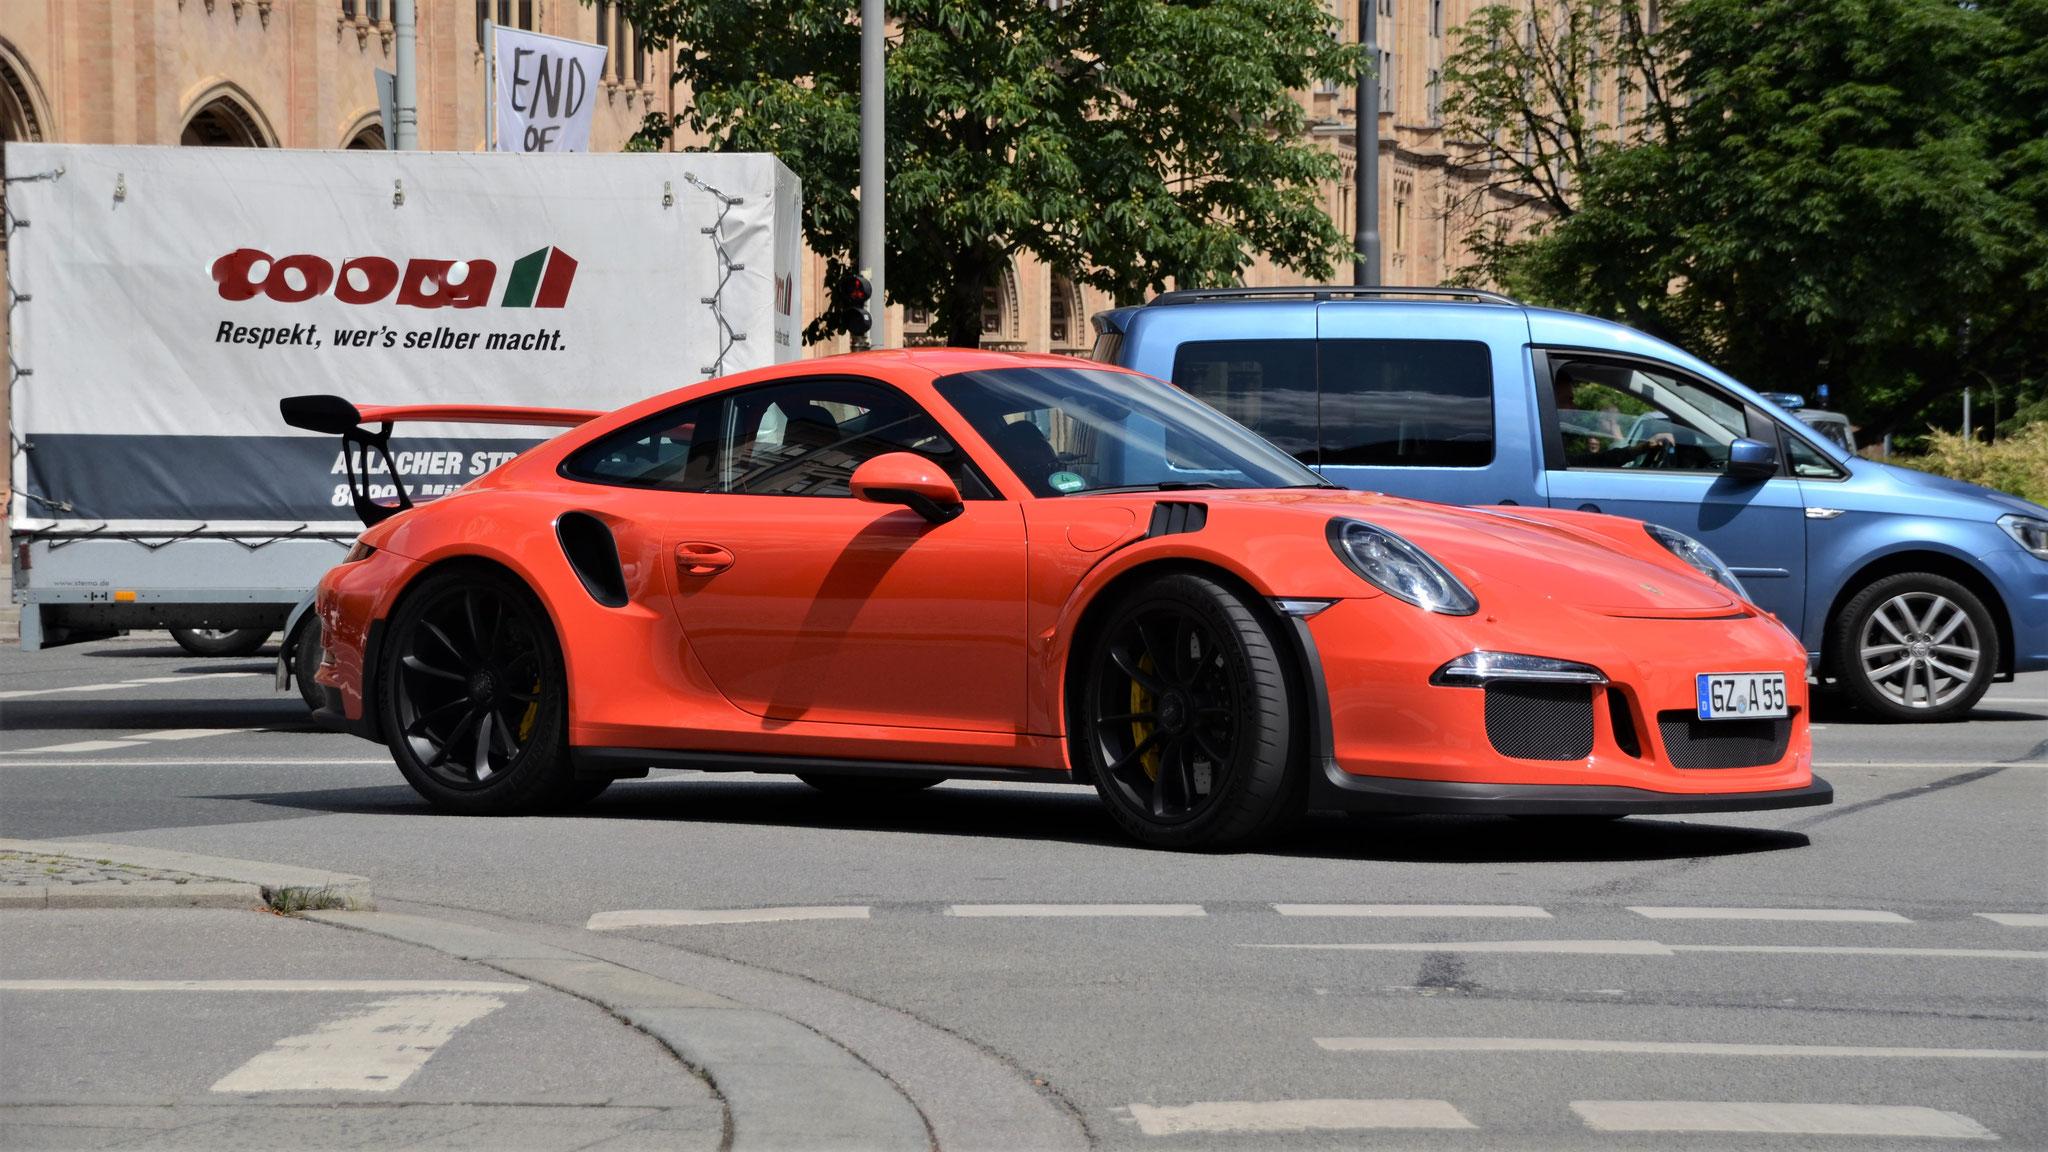 Porsche 911 GT3 RS - GZ-A-55